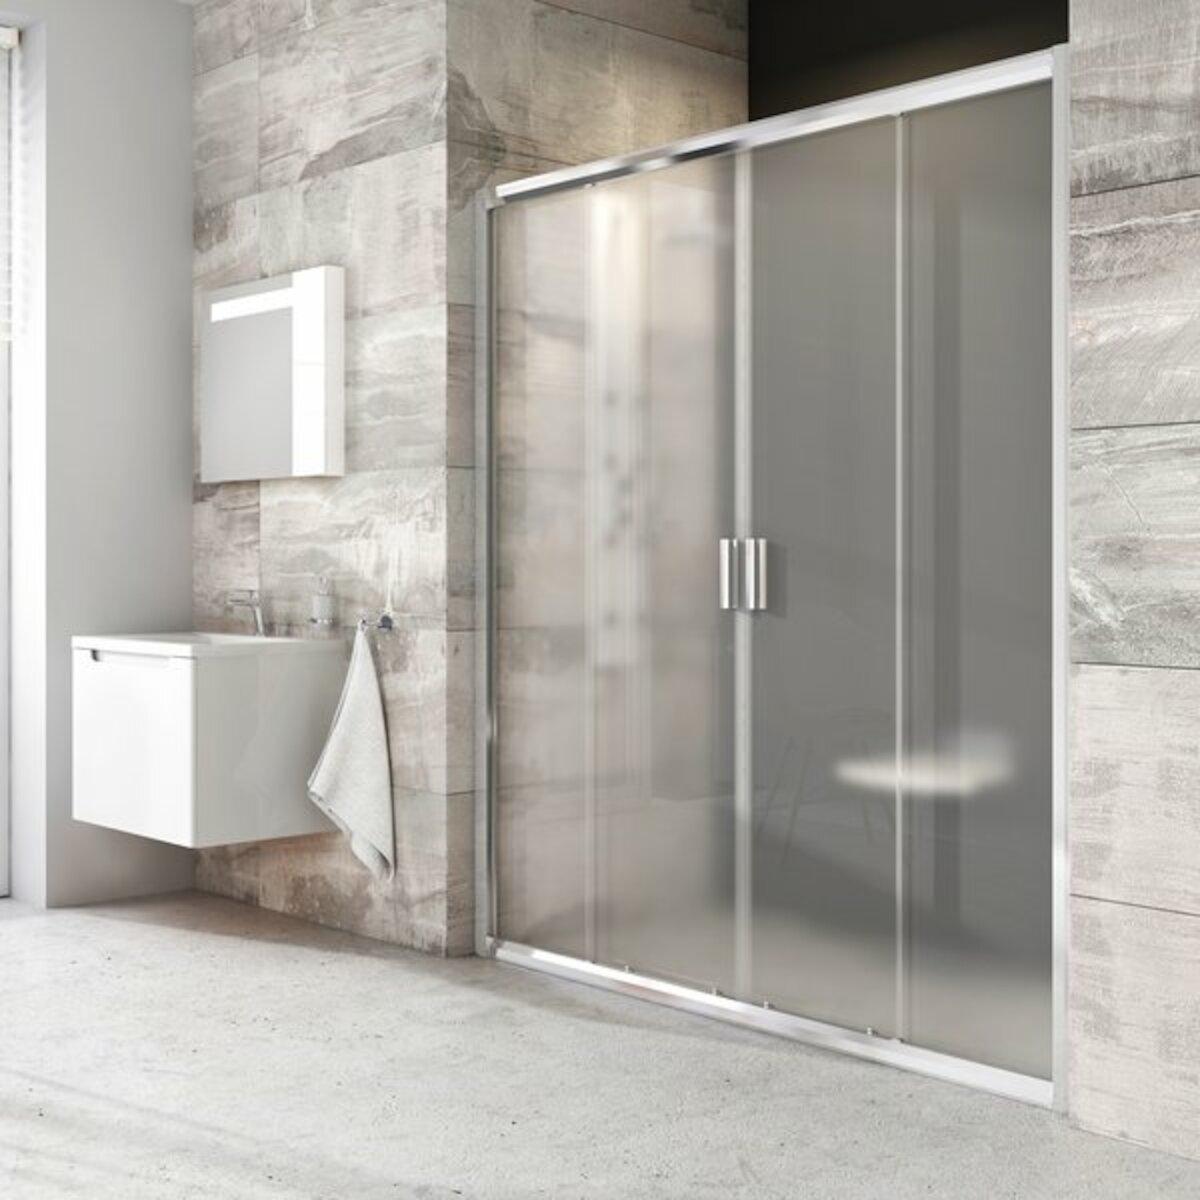 Sprchové dvere 160x190 cm Ravak Blix biela 0YVS0100Z1